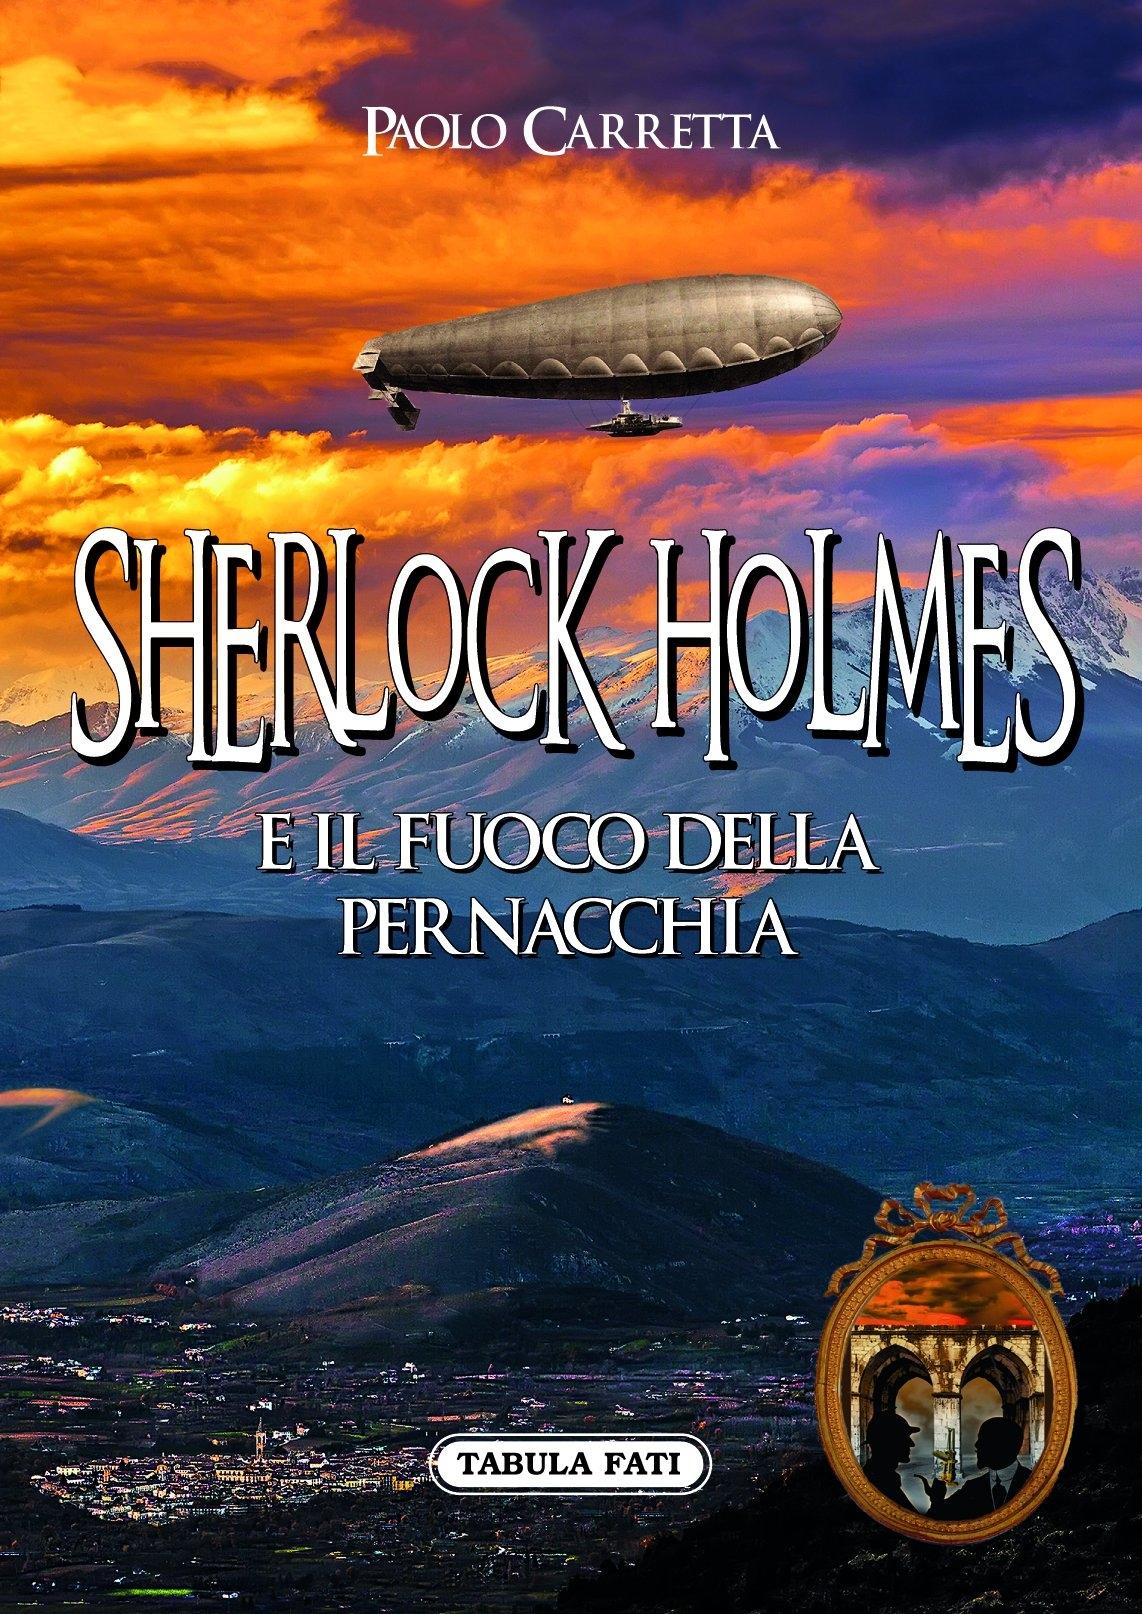 Sherlock Holmes e il fuoco della pernacchia.